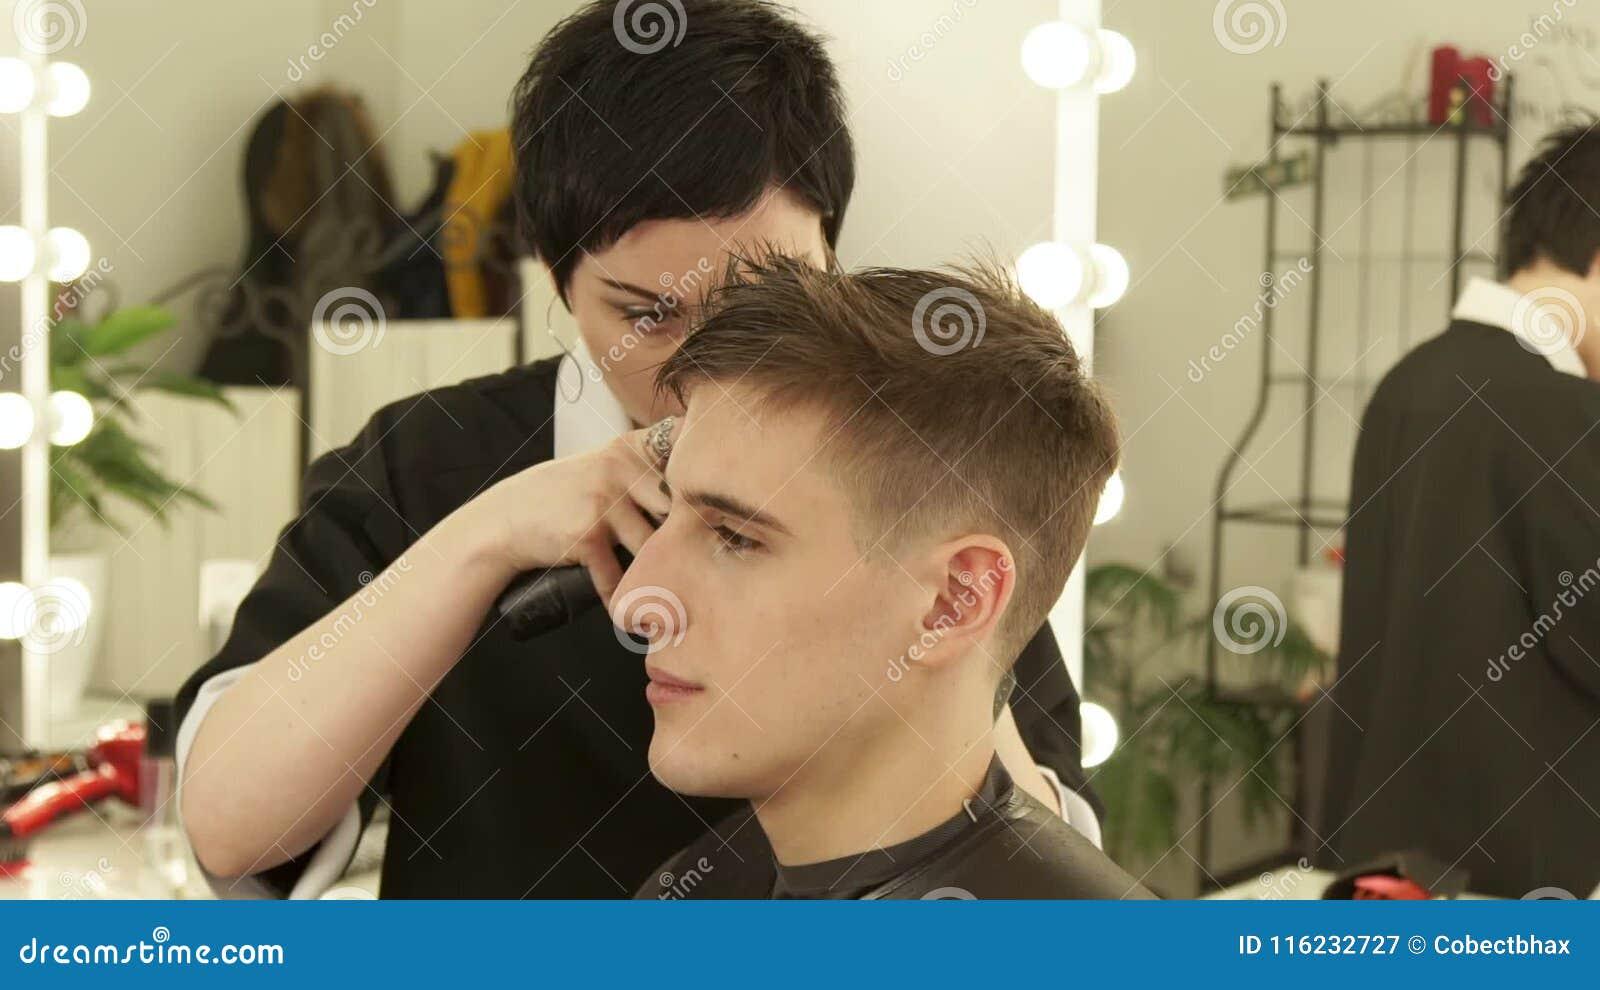 Tagliare i capelli con il rasoio elettrico